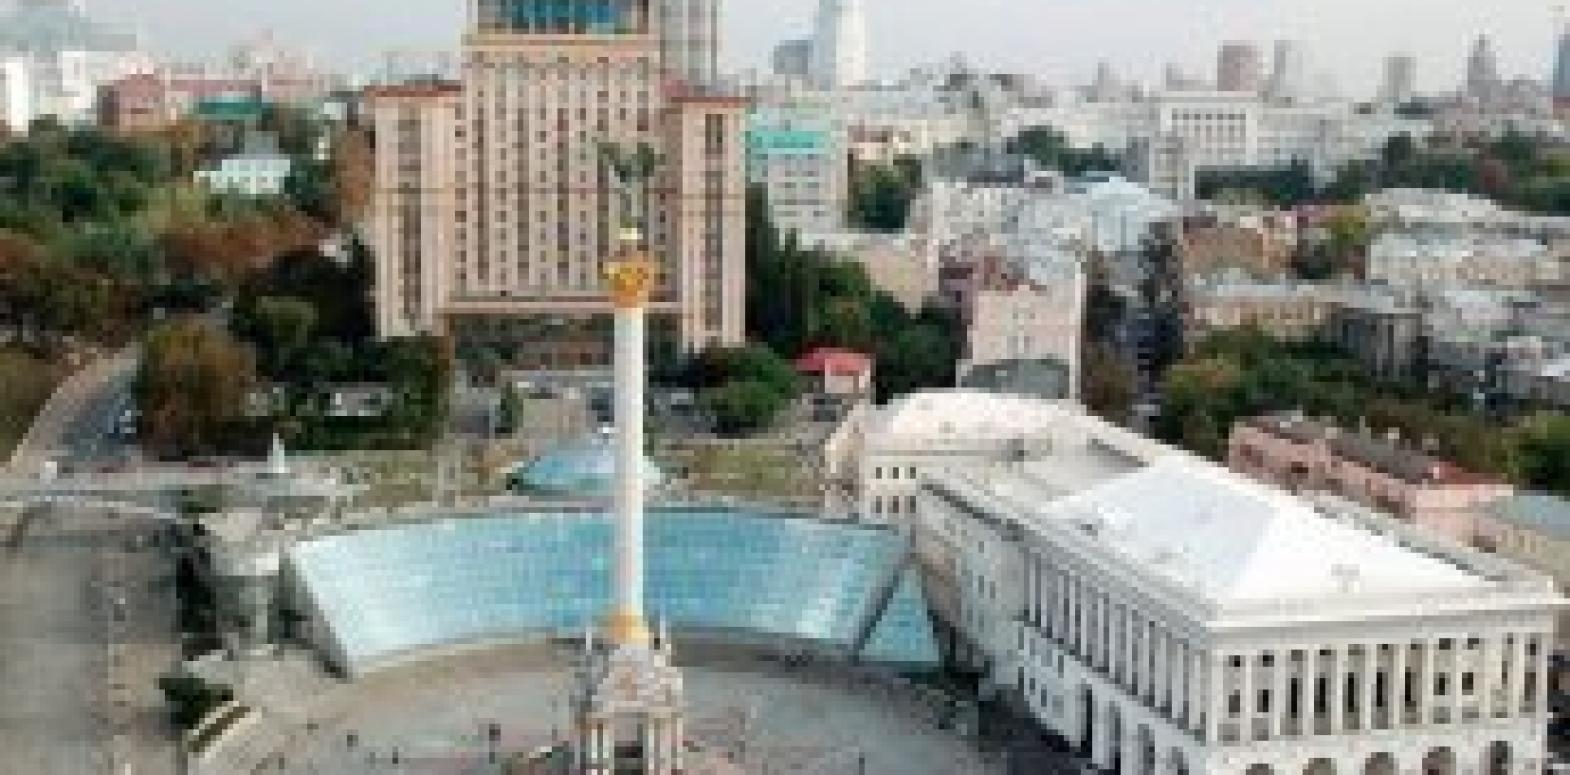 В Киеве 17 февраля зафиксировали новый температурный рекорд